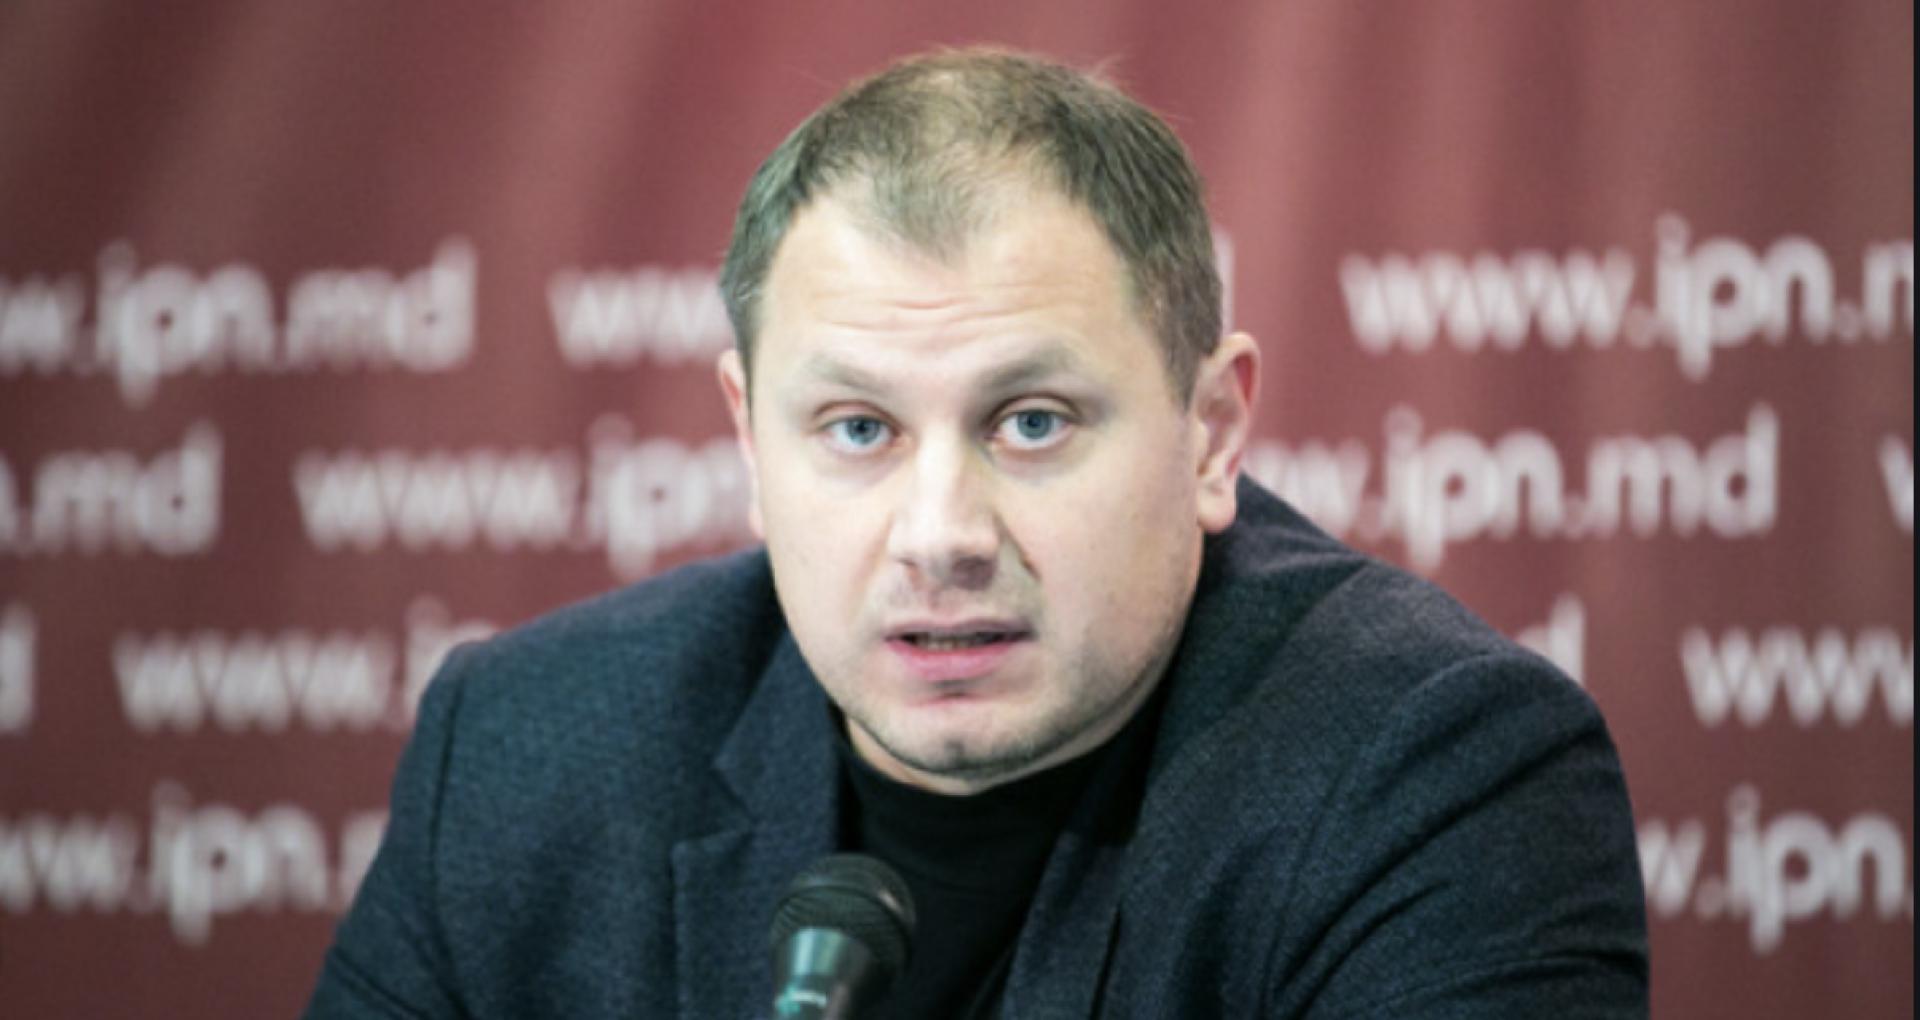 Expertul în politici publice Ștefan Gligor anunță despre crearea unui proiect politic